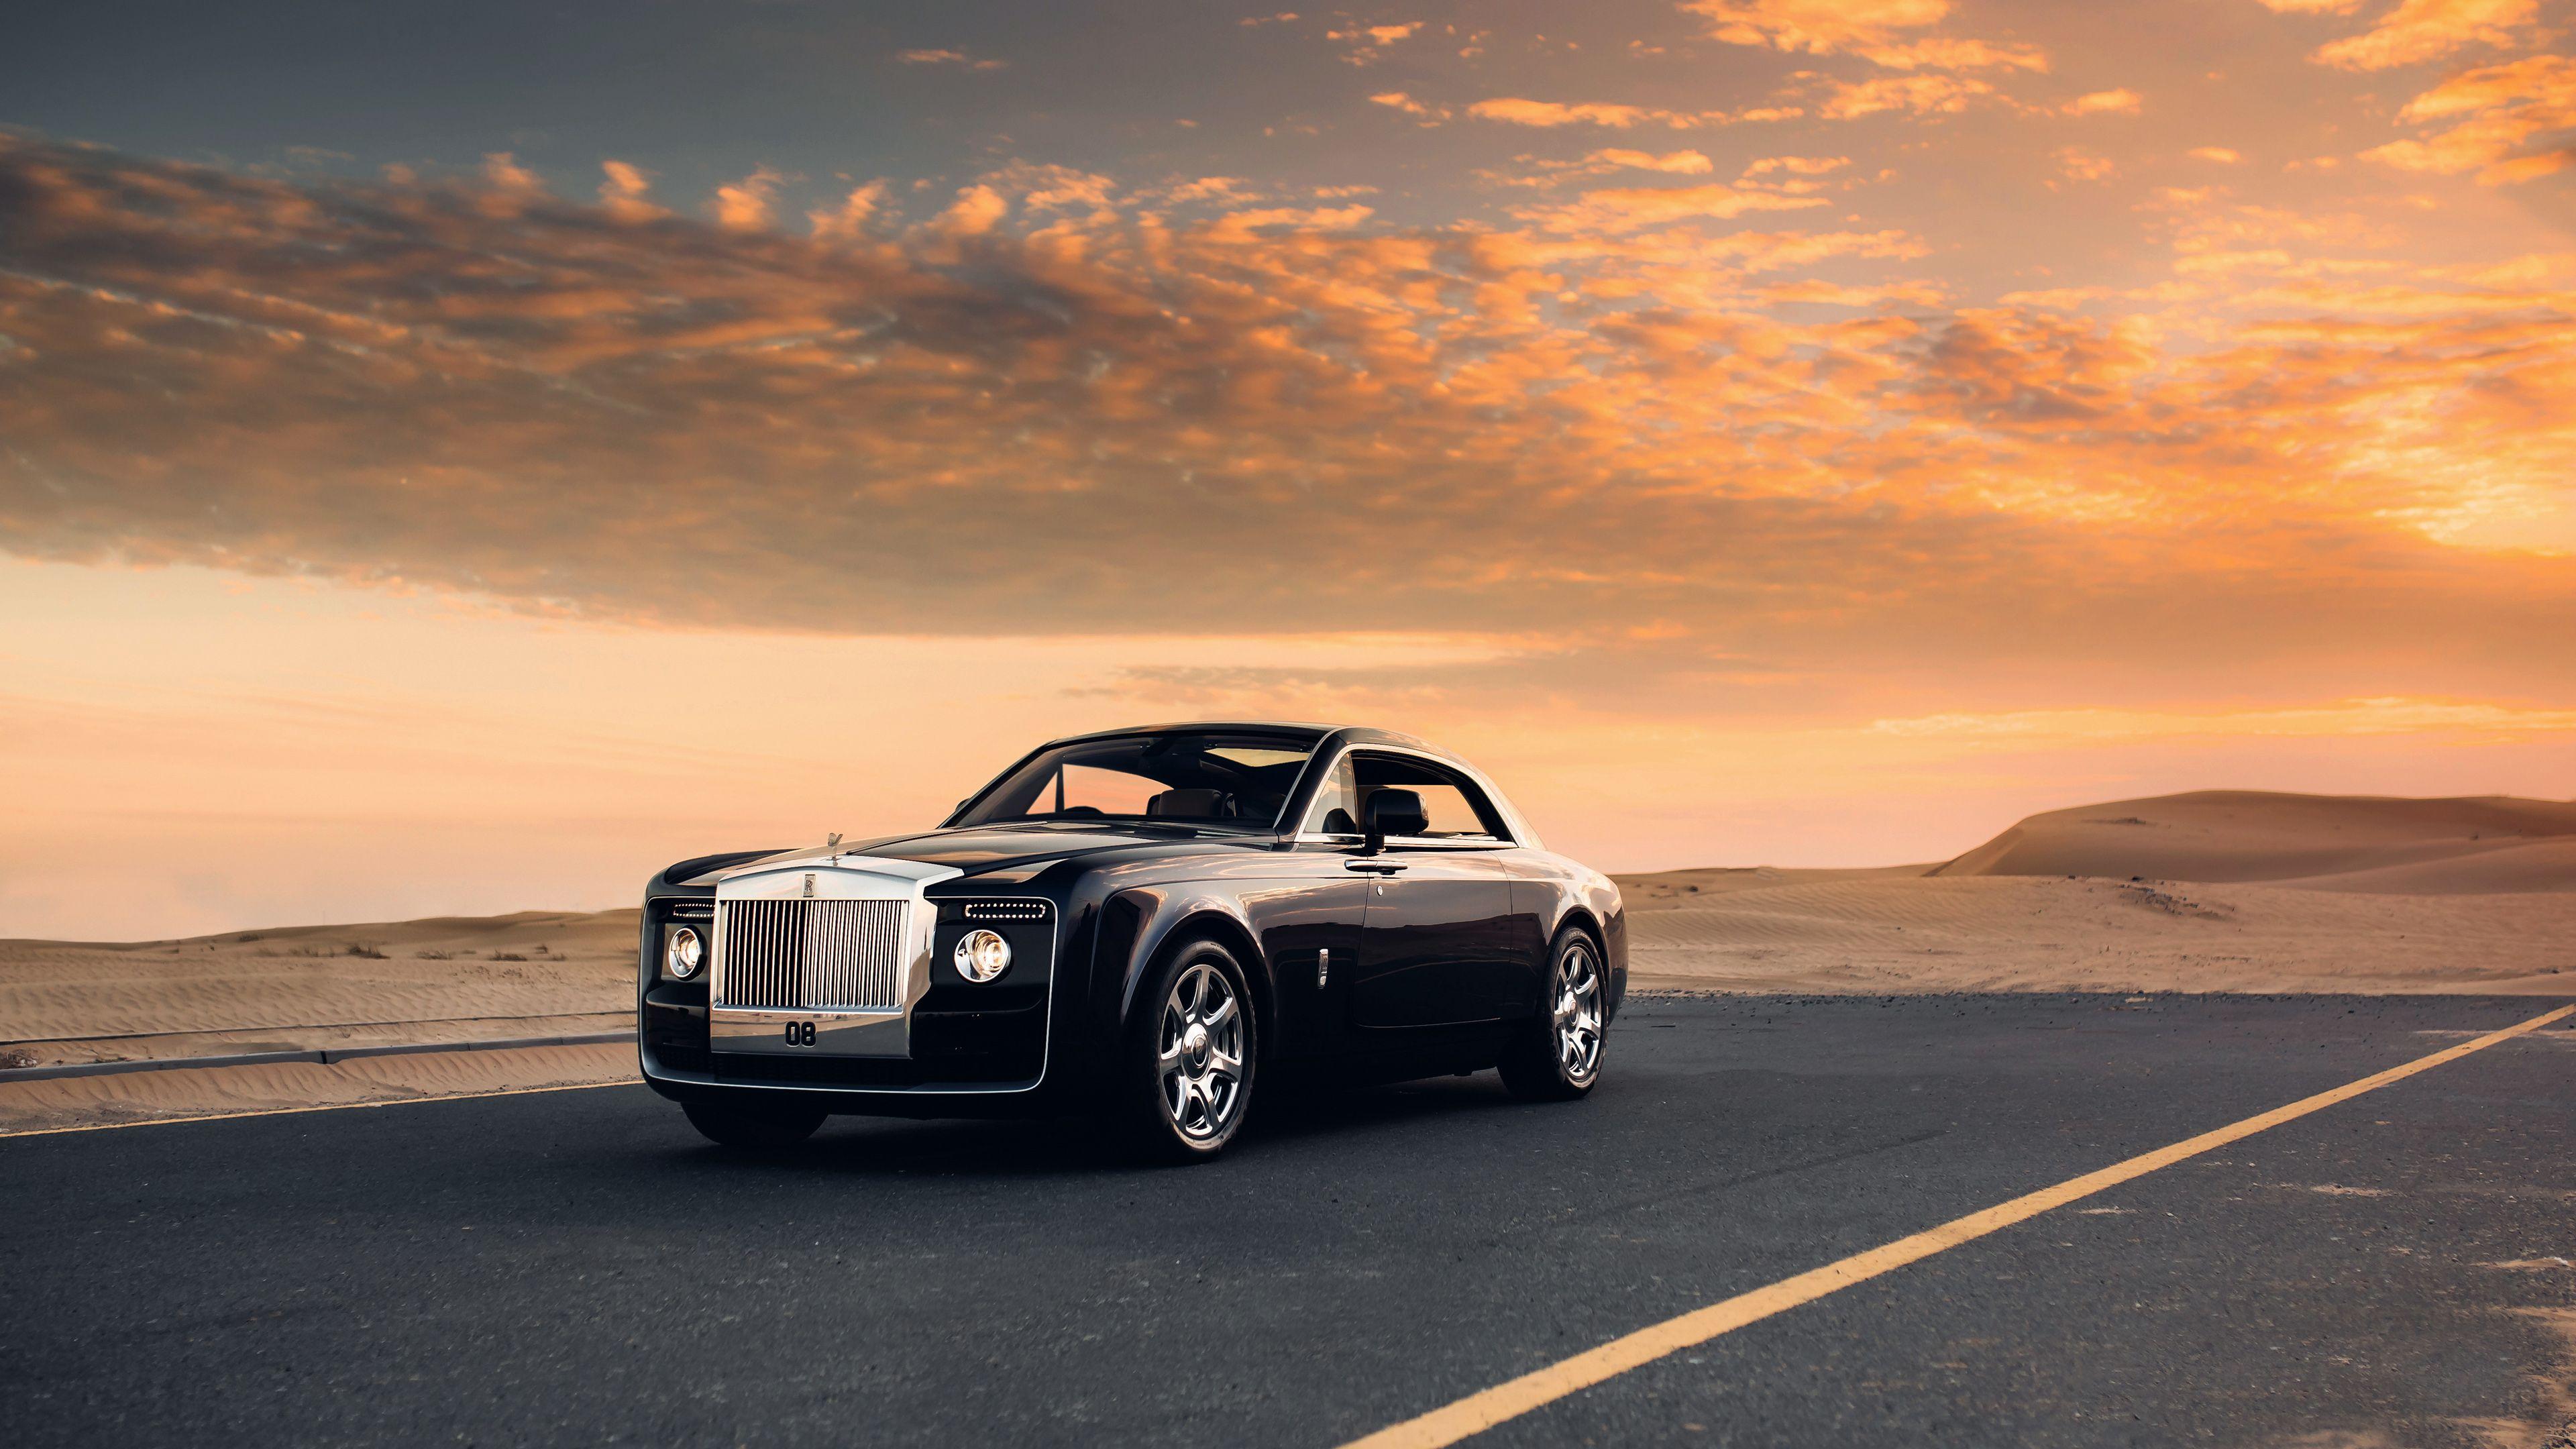 Rolls Royce Sweptail 4k Rolls Royce Wallpaper Rolls Royce